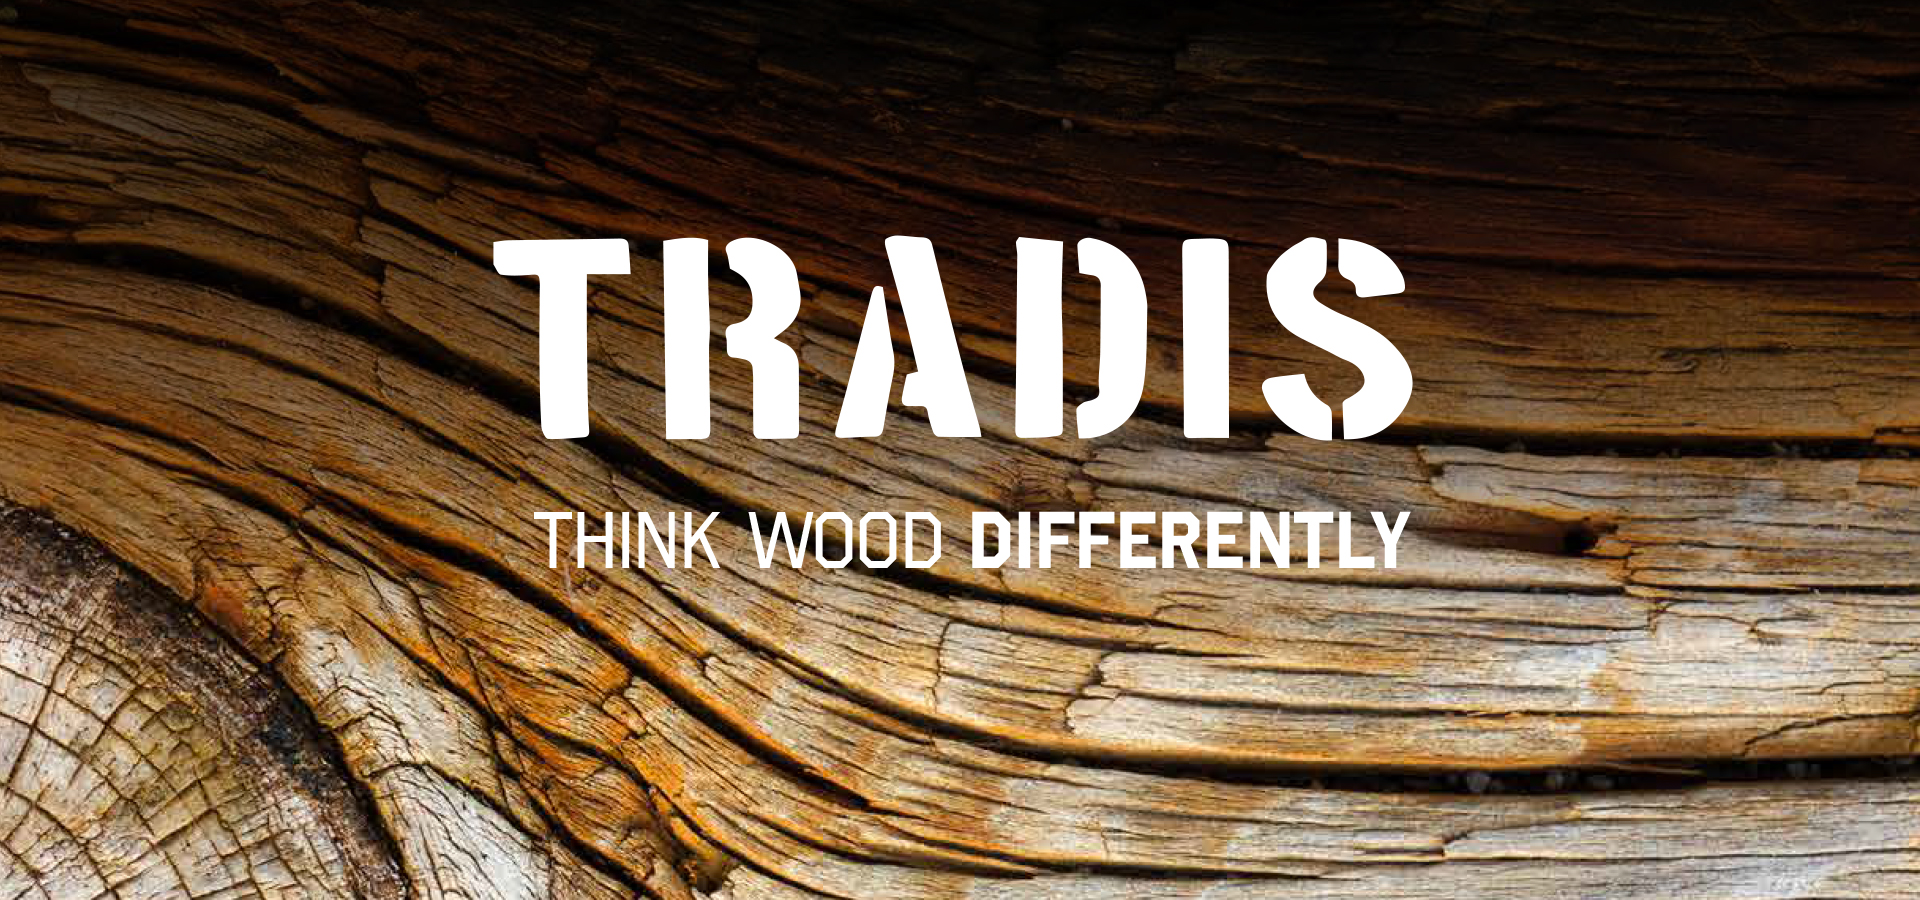 TRADIS-concepteur-mobiliers-d-agencement-bois-vieilli-realisation-comwell